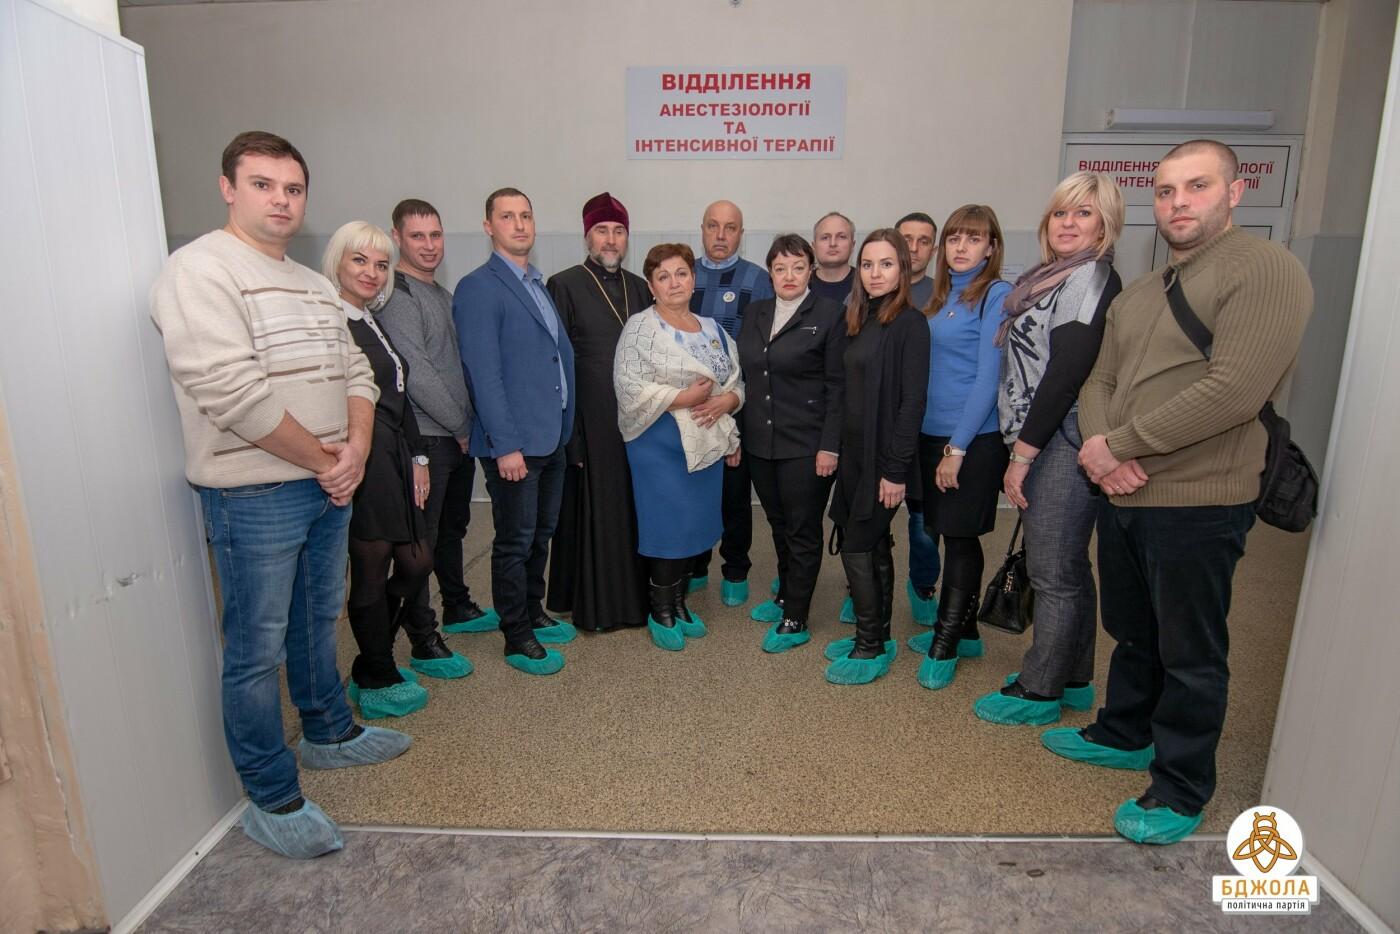 Активисты каменской «Бджоли» проведали участников ООС в больнице Днепра, фото-1